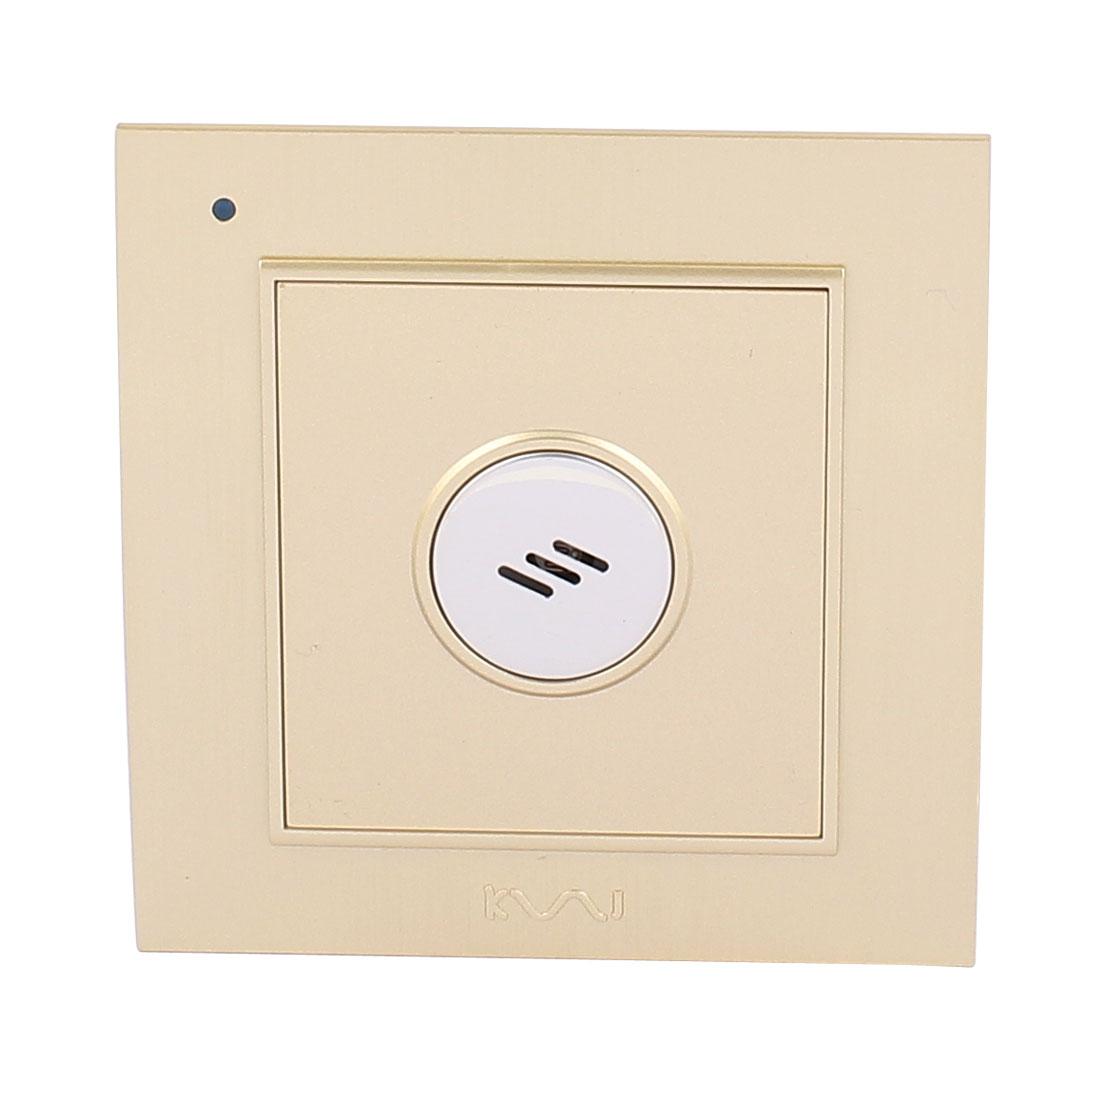 AC 180V-250V Sound Sensor Switch Energy Saving Time Delay Switch Gold